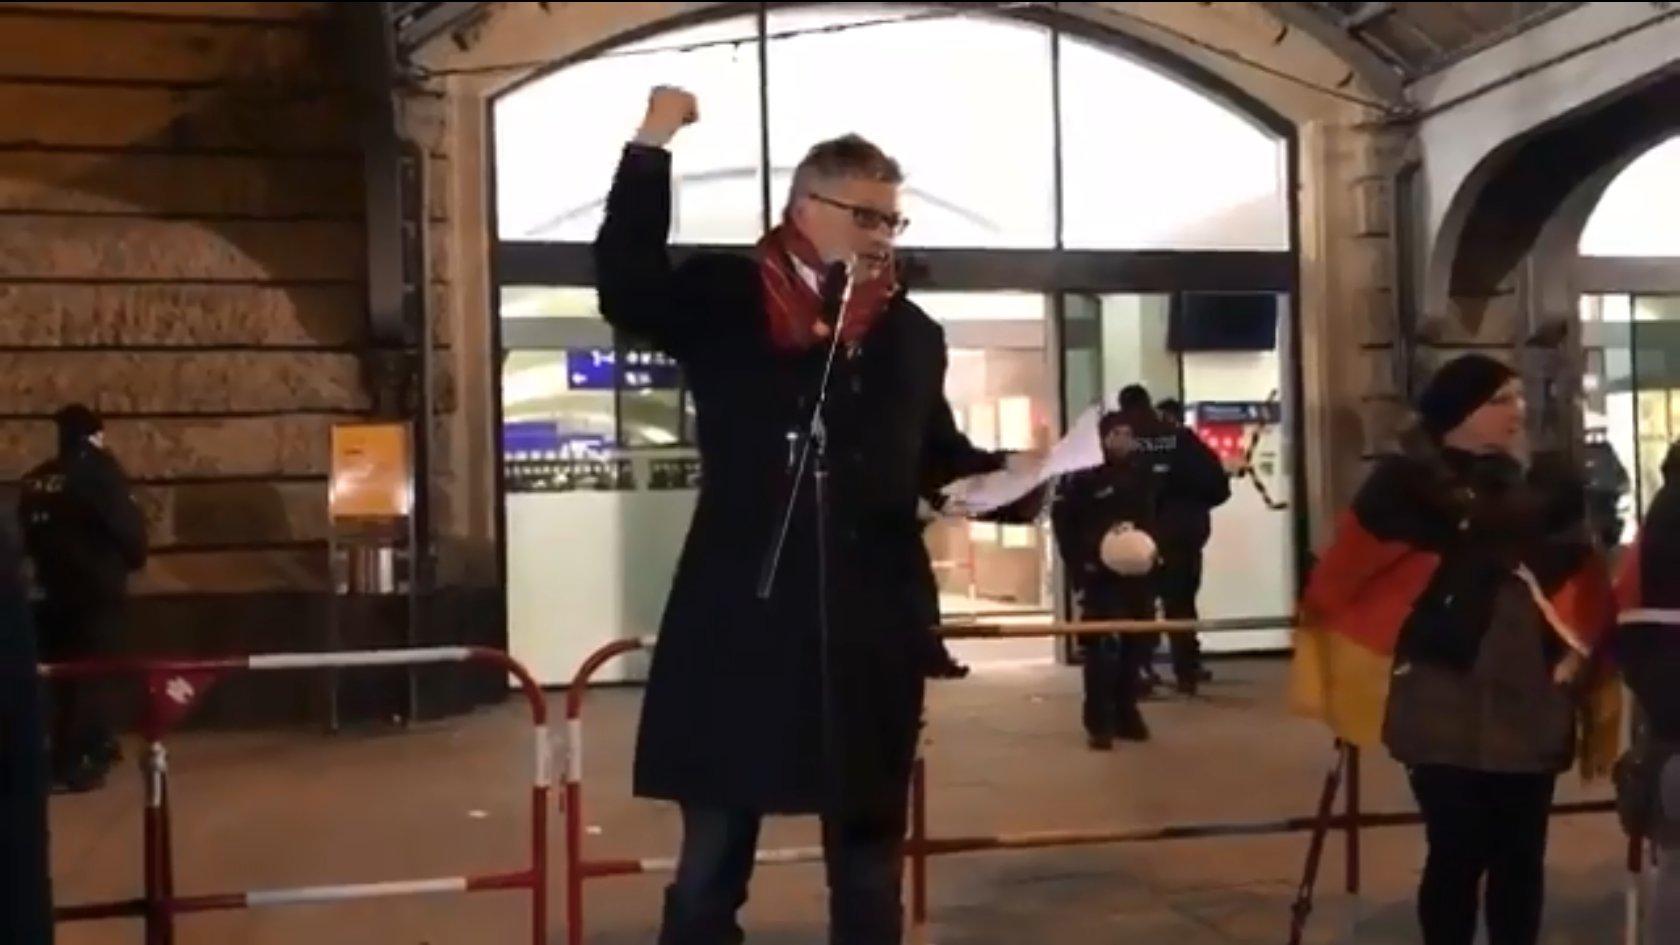 """Ex-SPIEGEL-Kulturchef Matussek redet bei """"Merkel muss weg""""-Demo"""